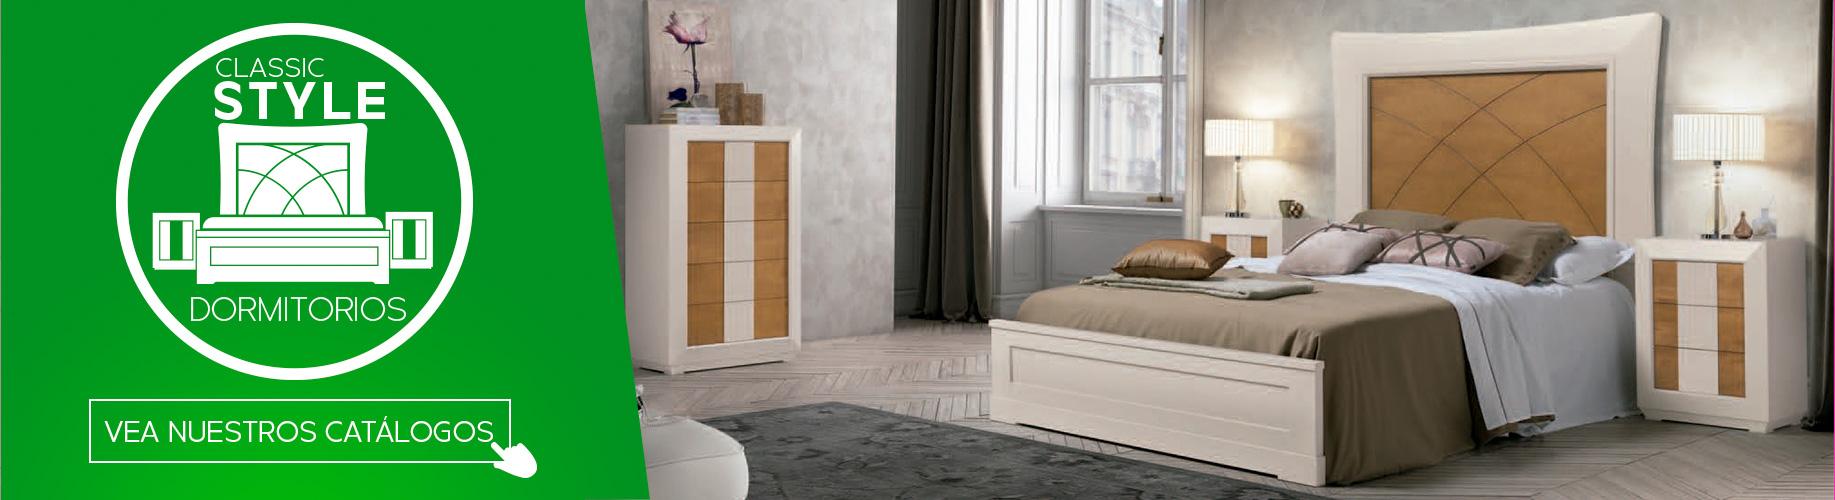 Muebles Santa Cruz Santa Olalla Trendy Lote Habitacion With  # Muebles Hermanos Vazquez